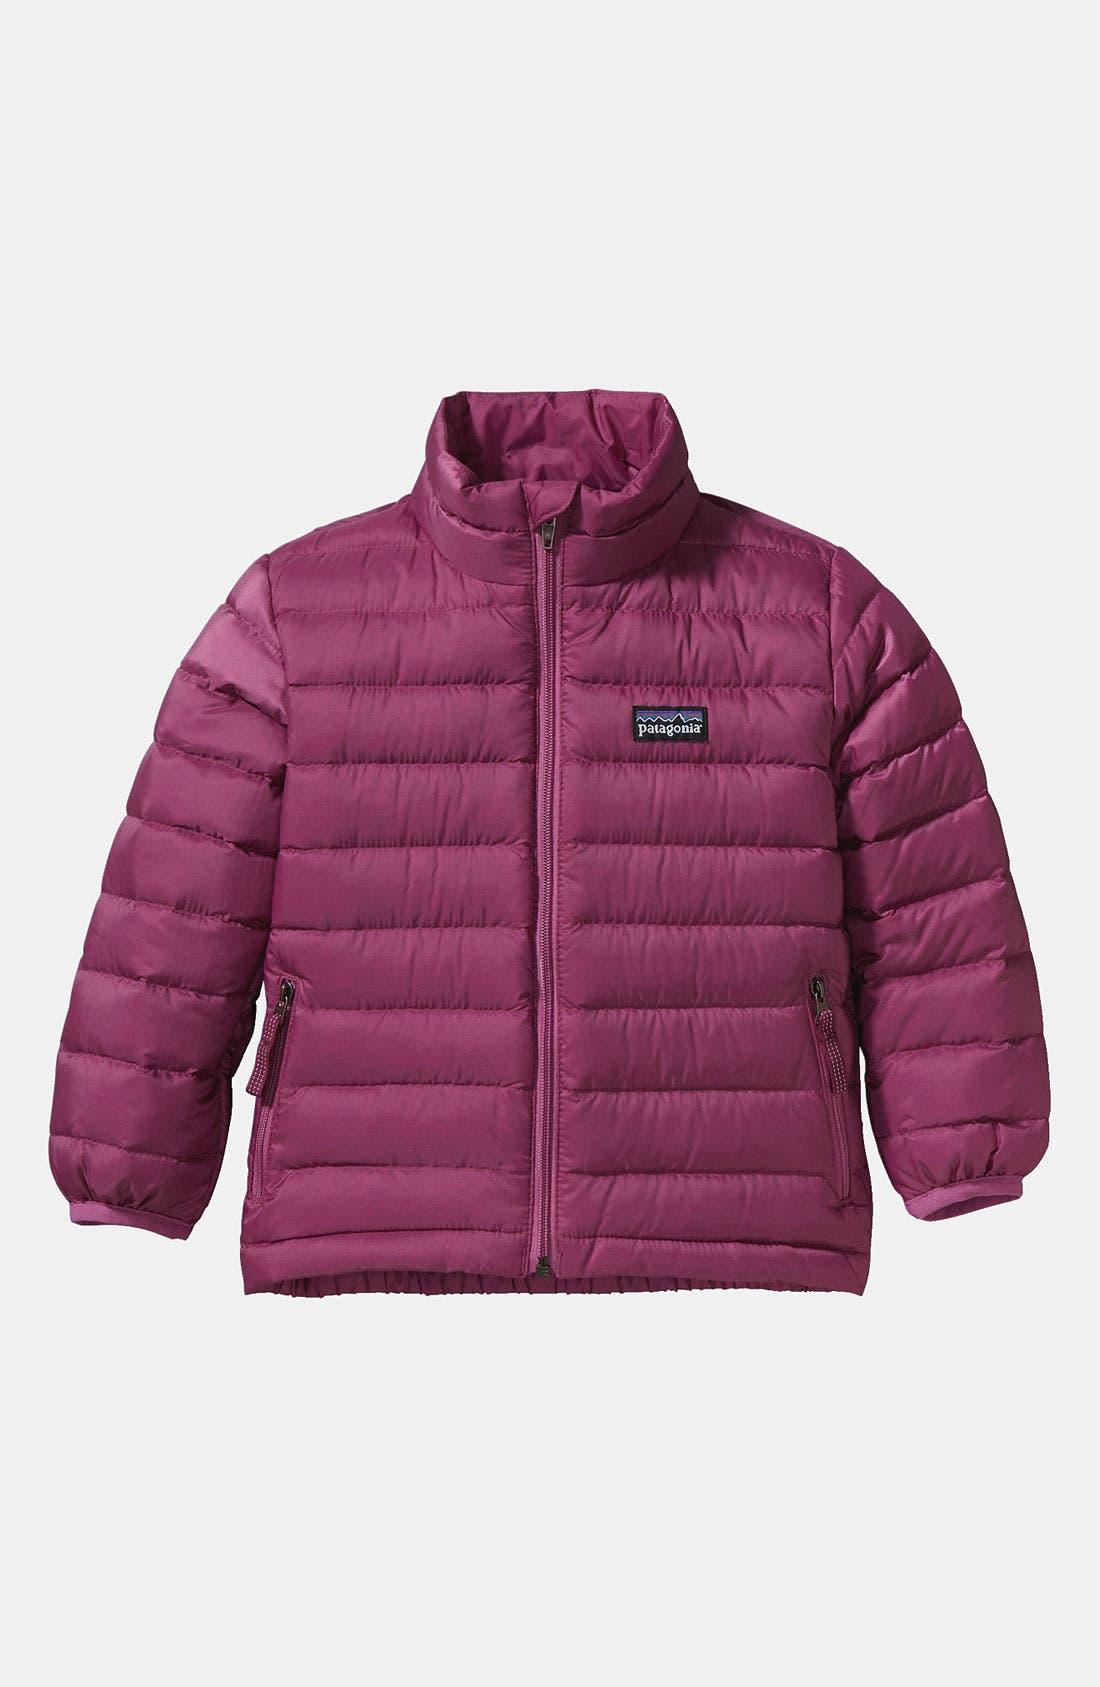 Alternate Image 1 Selected - Patagonia Down Jacket (Toddler)